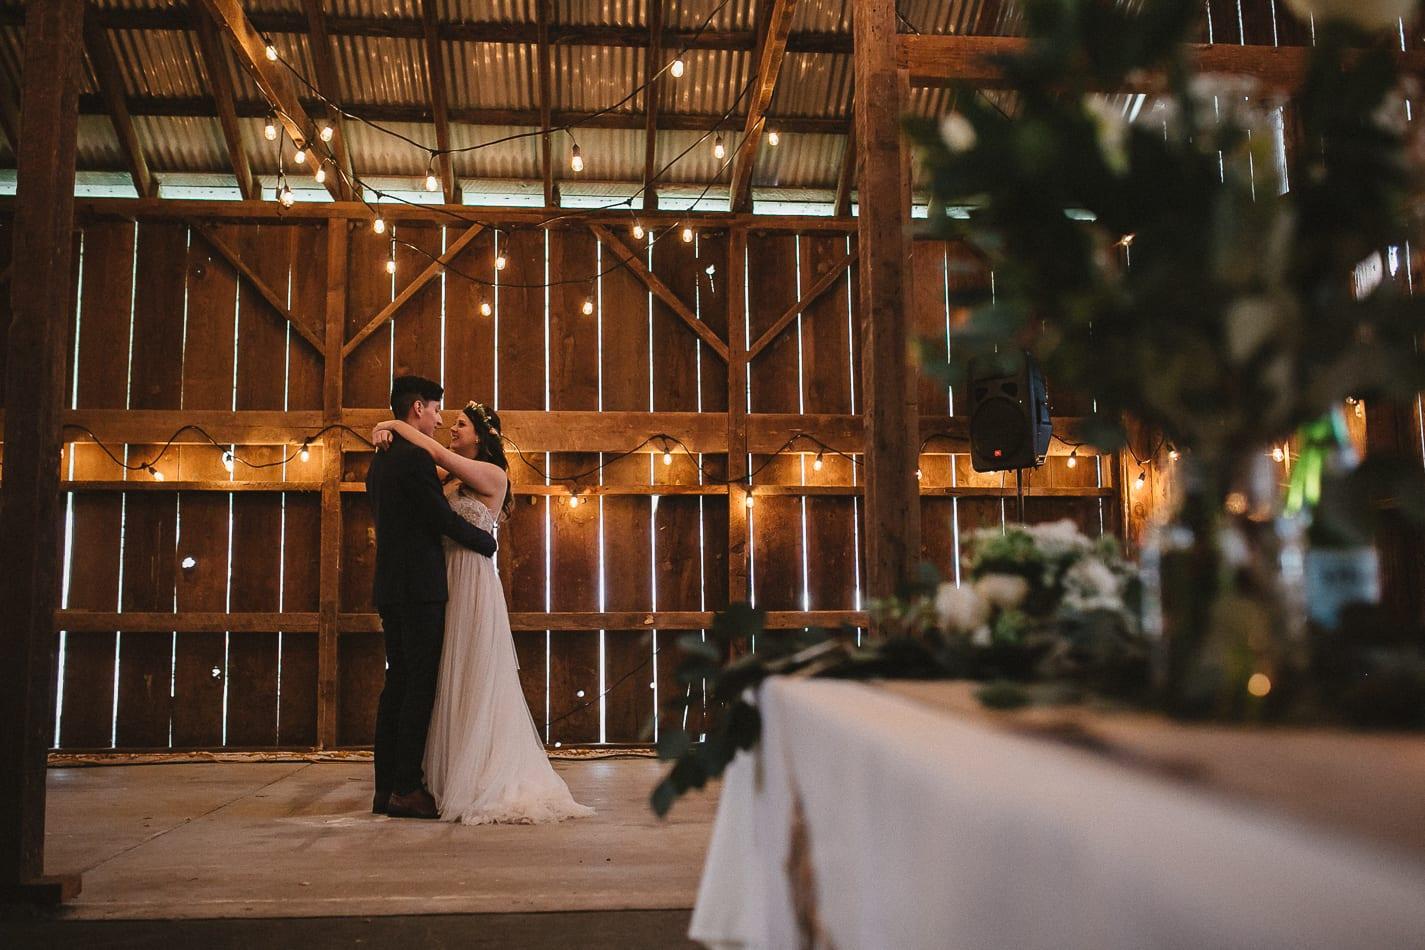 gover-ranch-redding-california-wedding-photographer-185